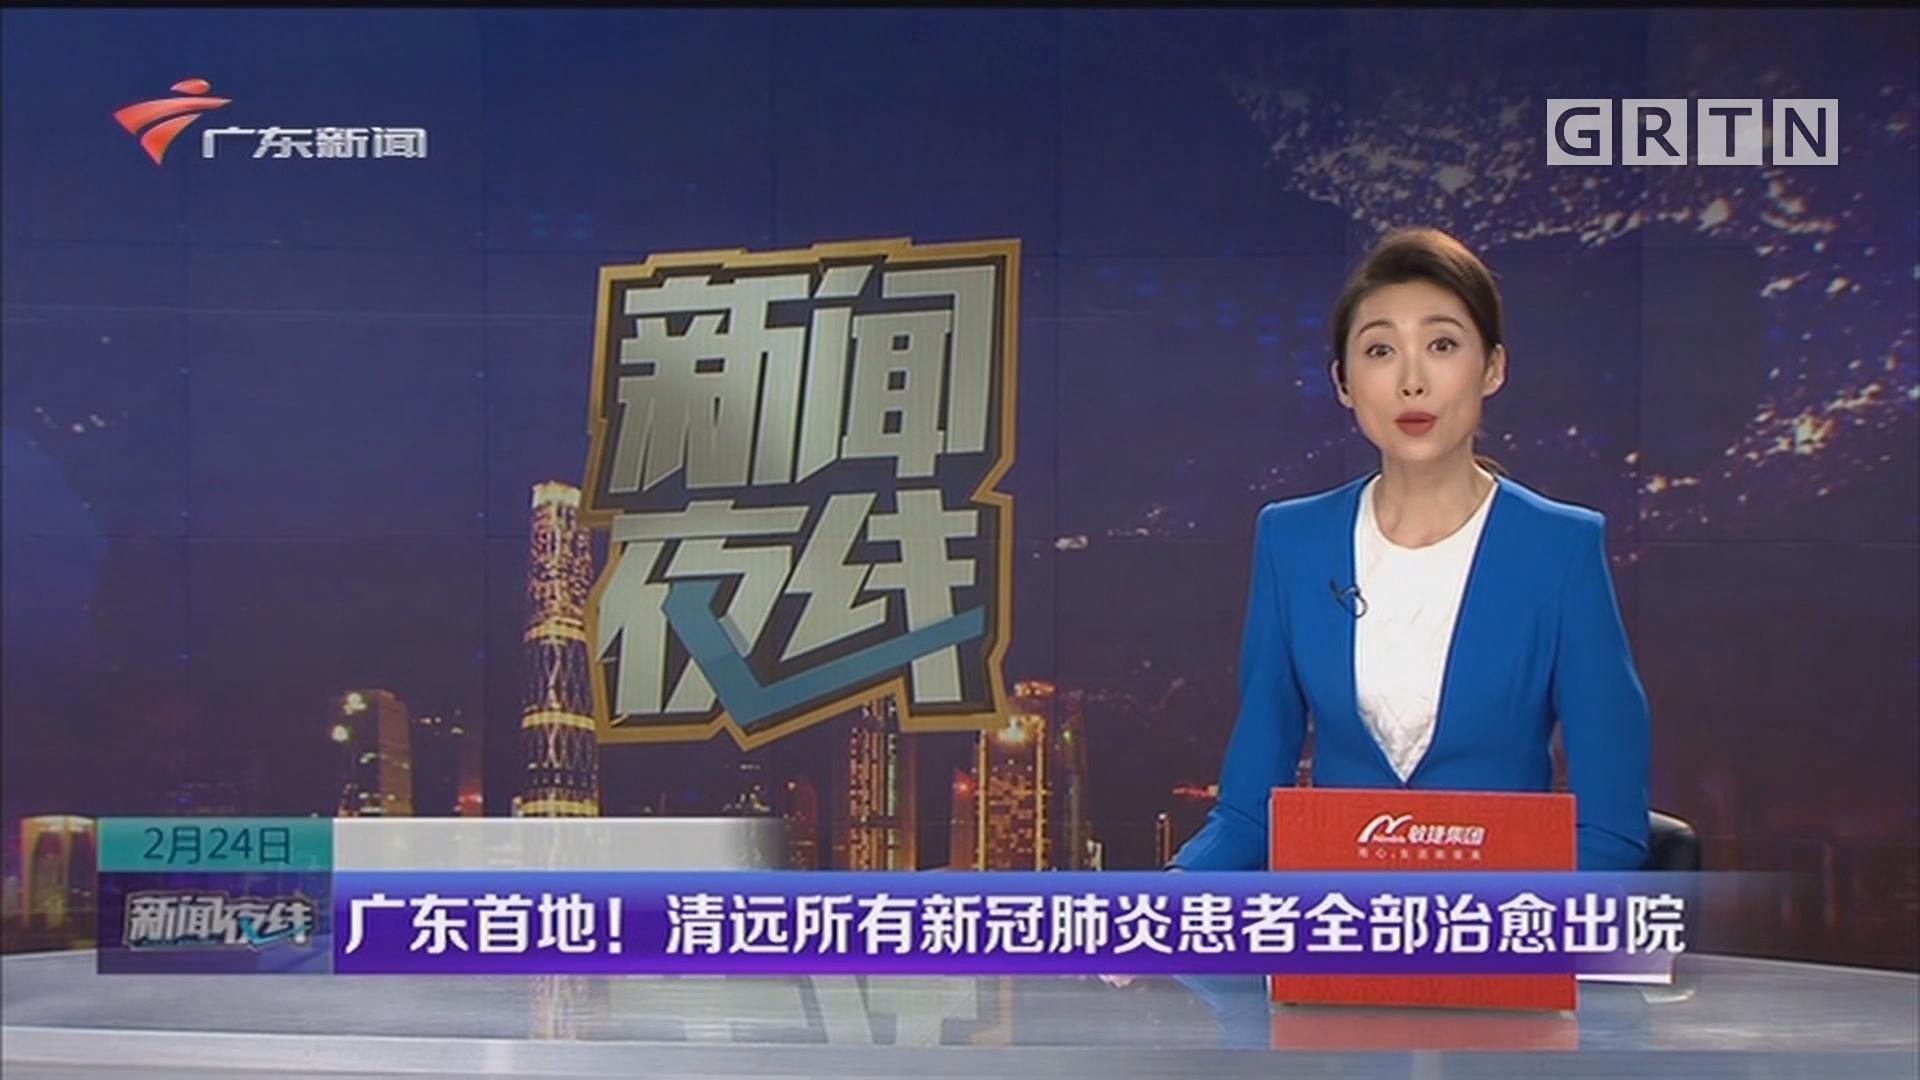 广东首地!清远所有新冠肺炎患者全部治愈出院